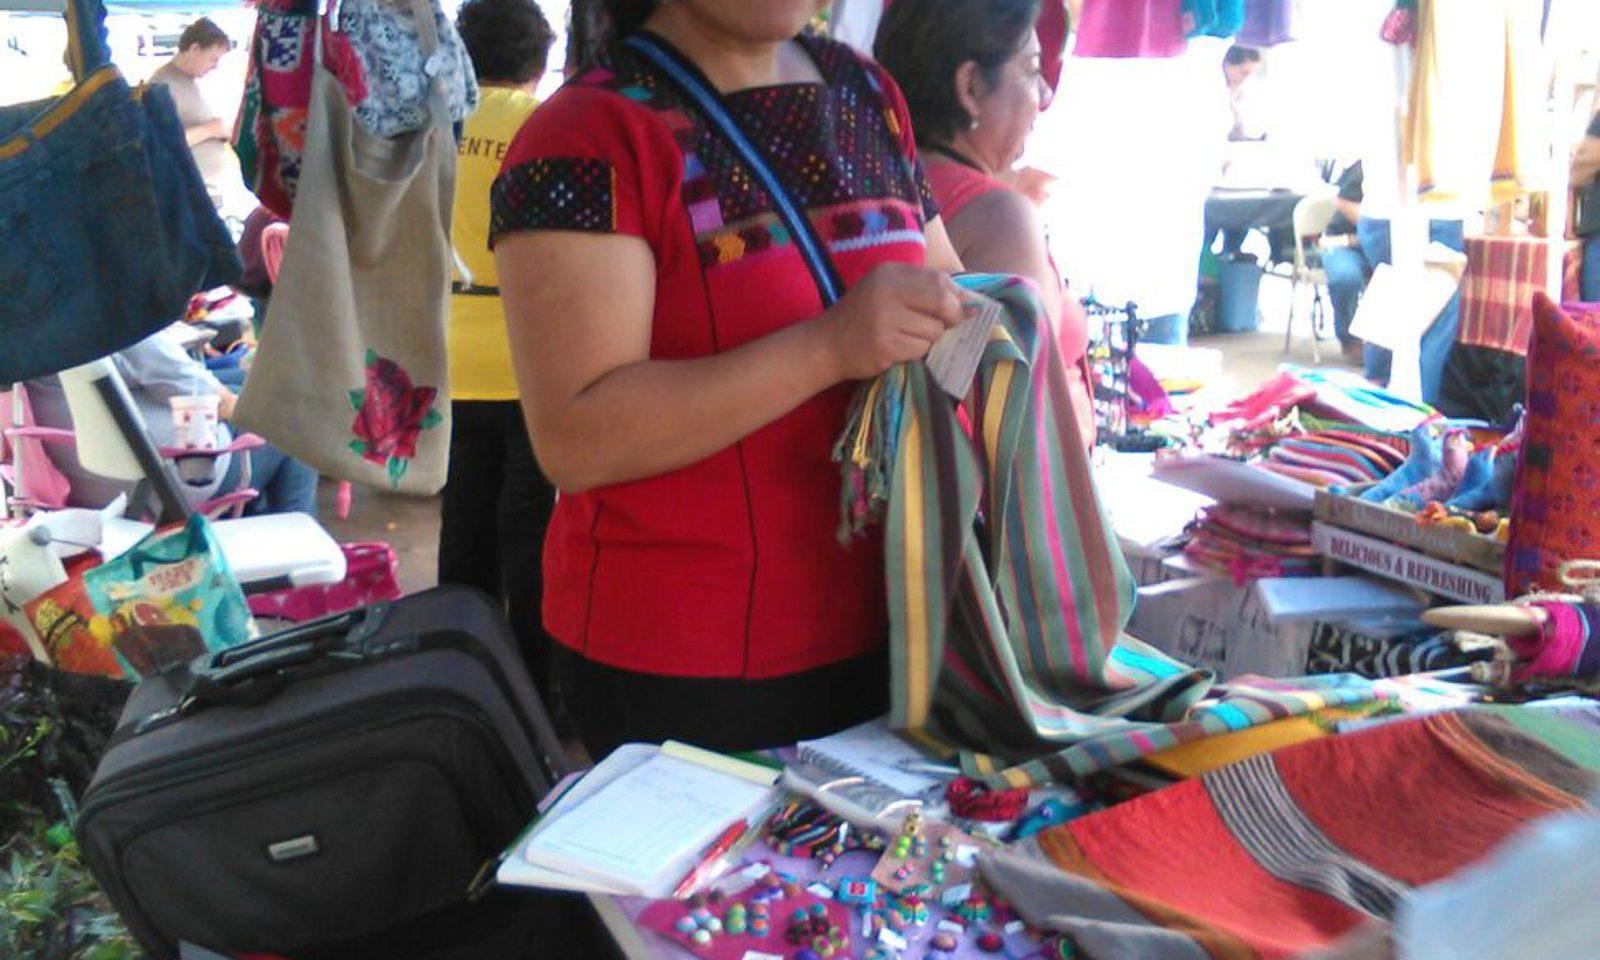 Conectando Hilos de la Justicia (Fuerza Unida), 2018 NALAC Fund for the Arts Grantee